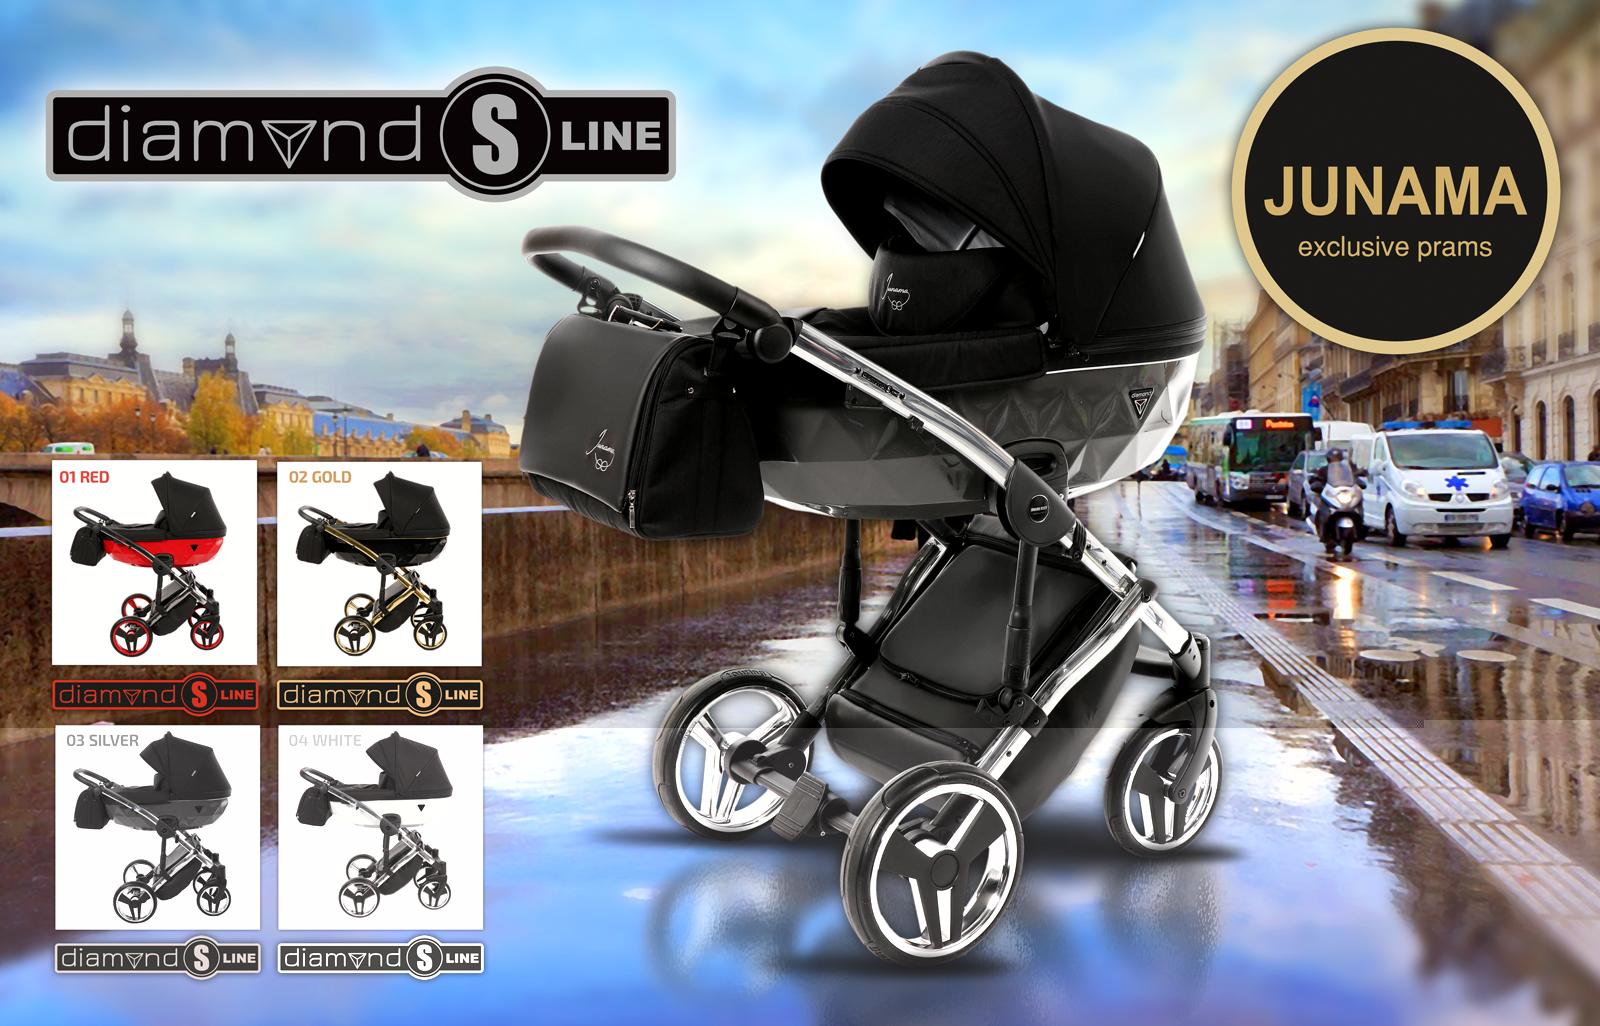 Коляска Junama Diamond S-Line - лучшая коляска с уникальным дизайном!